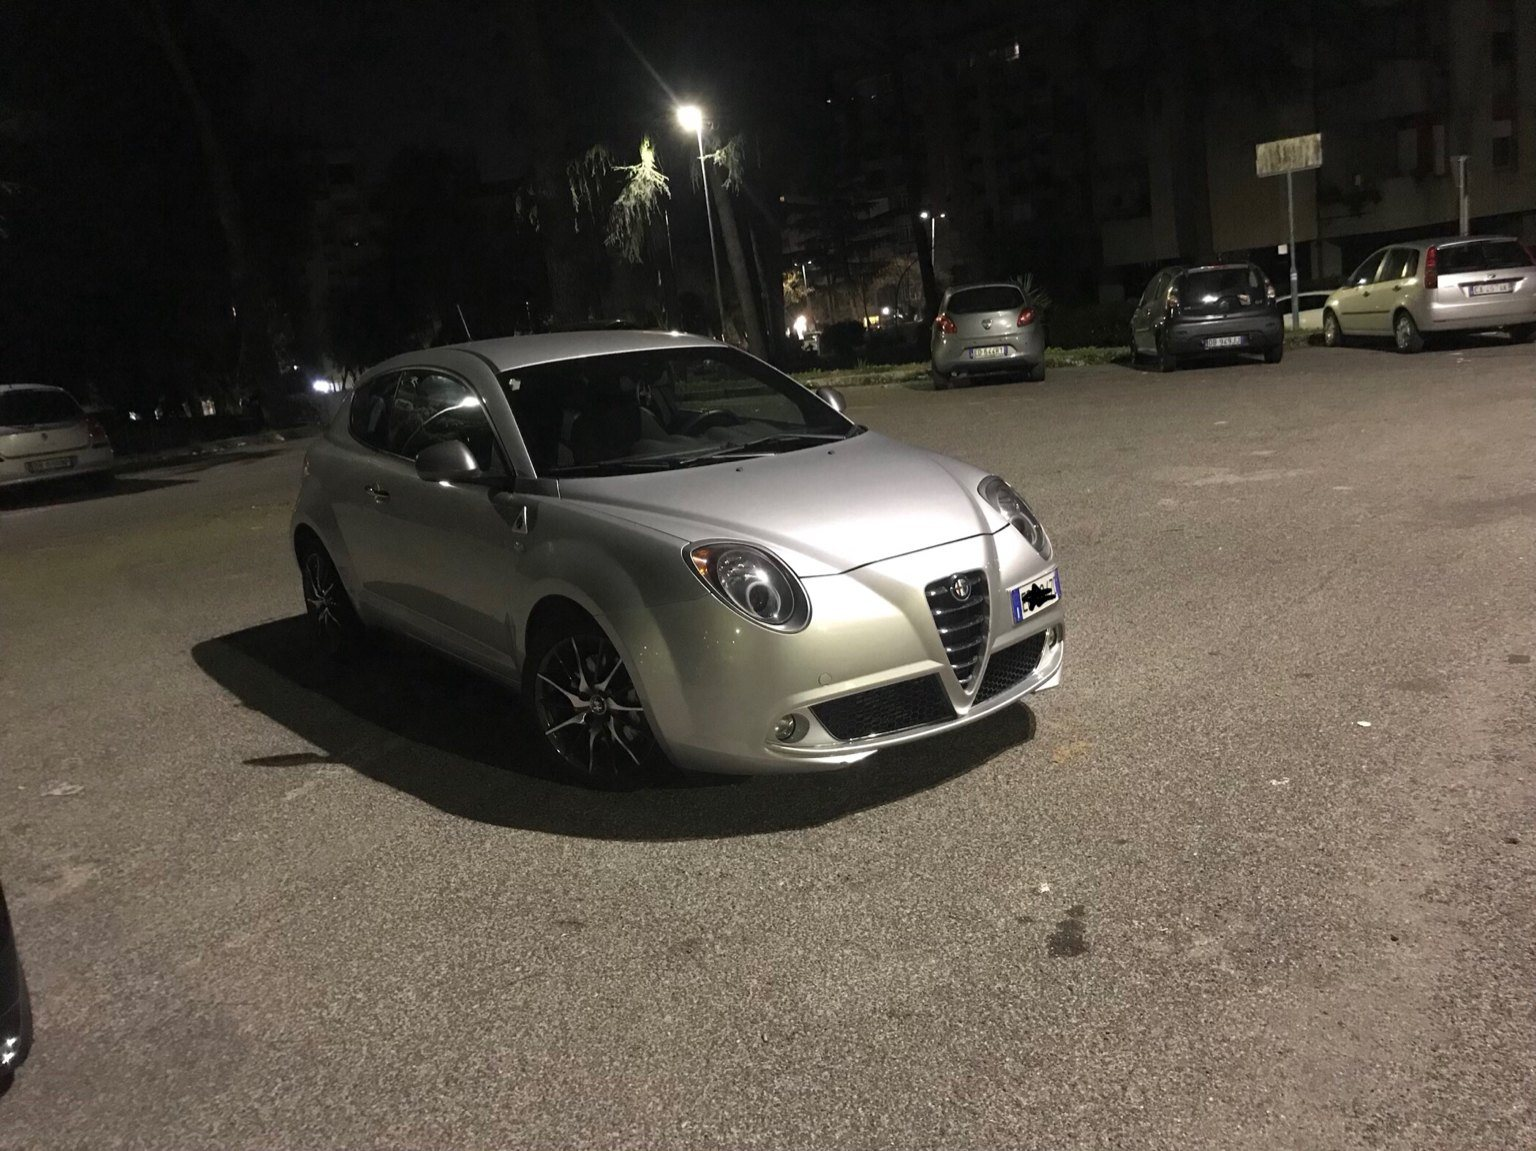 foto Alfa Romeo MiTo - 1.4 Tb 170cv - QV - 1